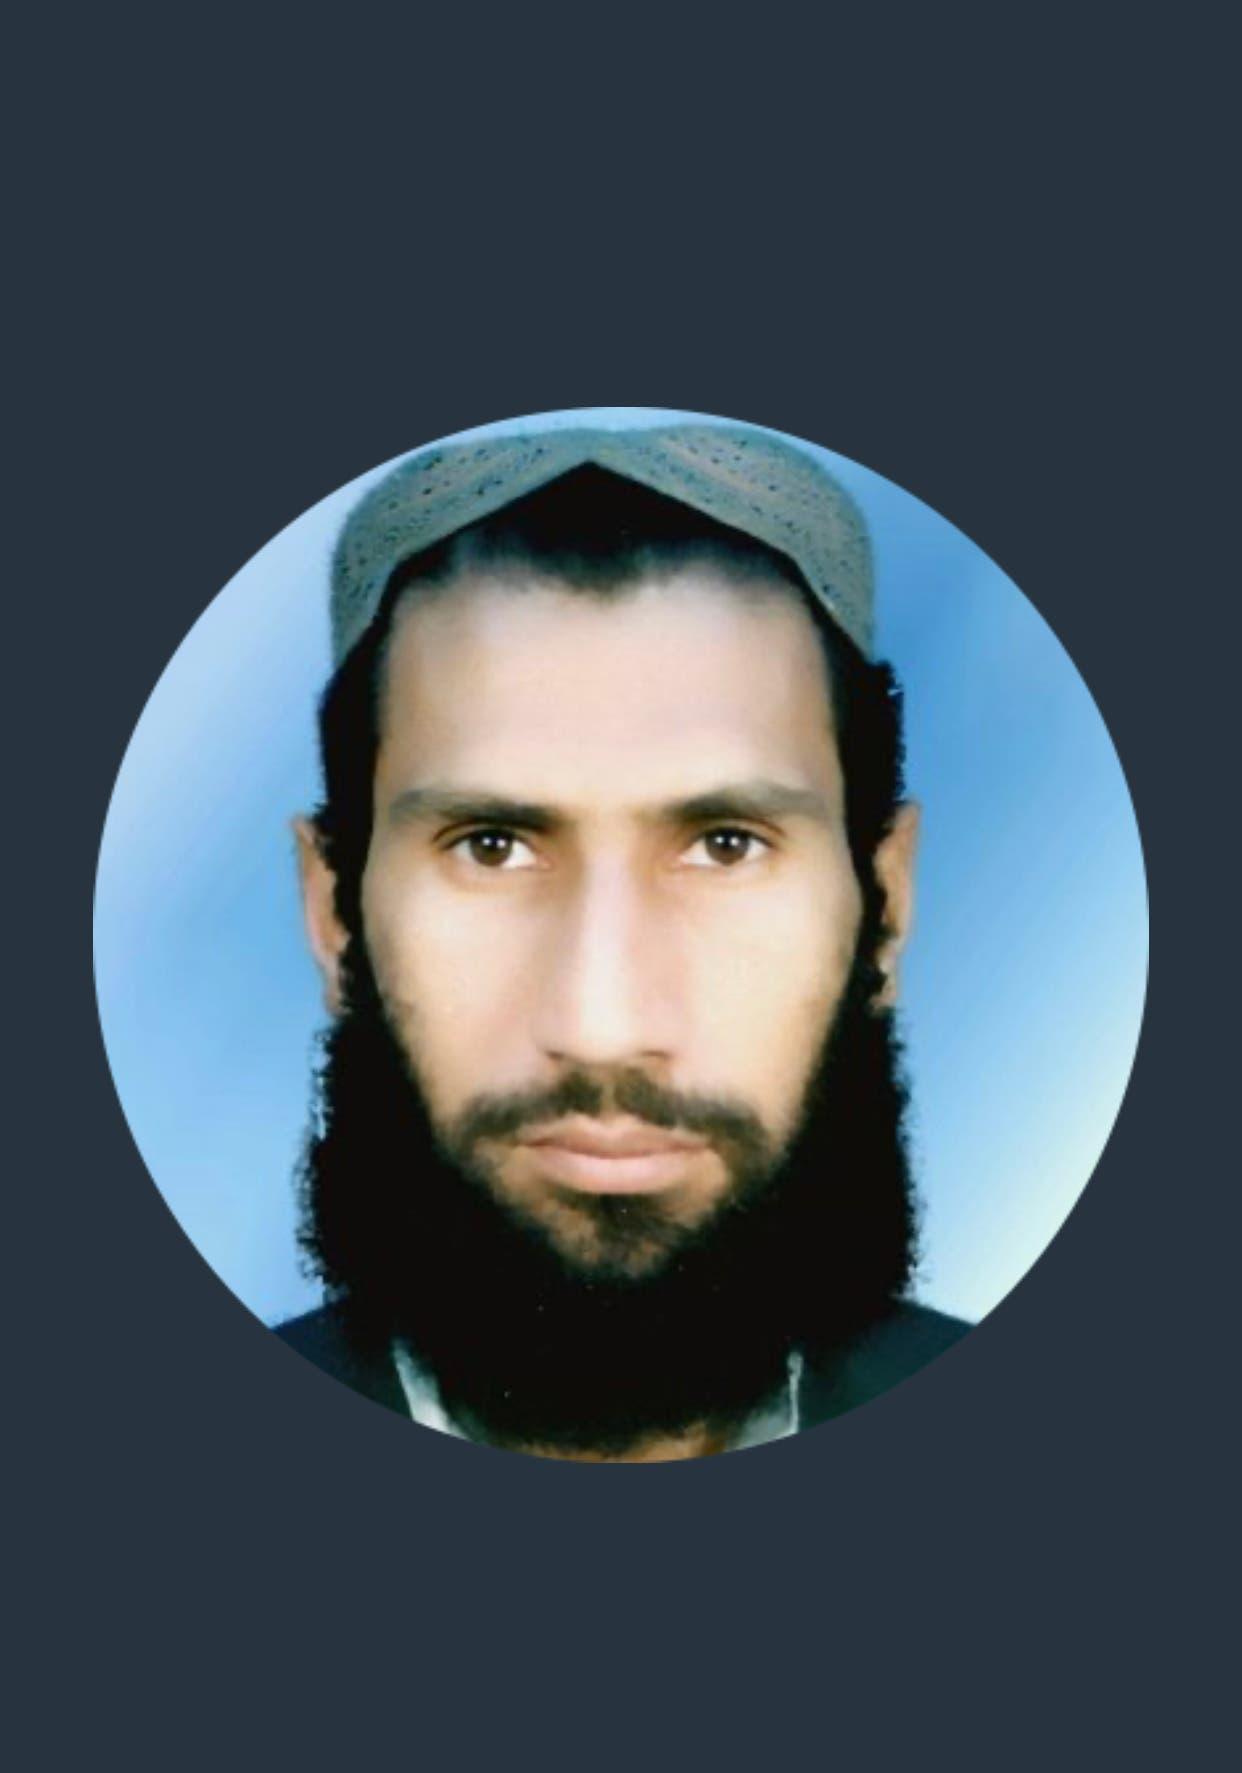 سعد الله البلوشي مدير تحرير مجلة الصمود